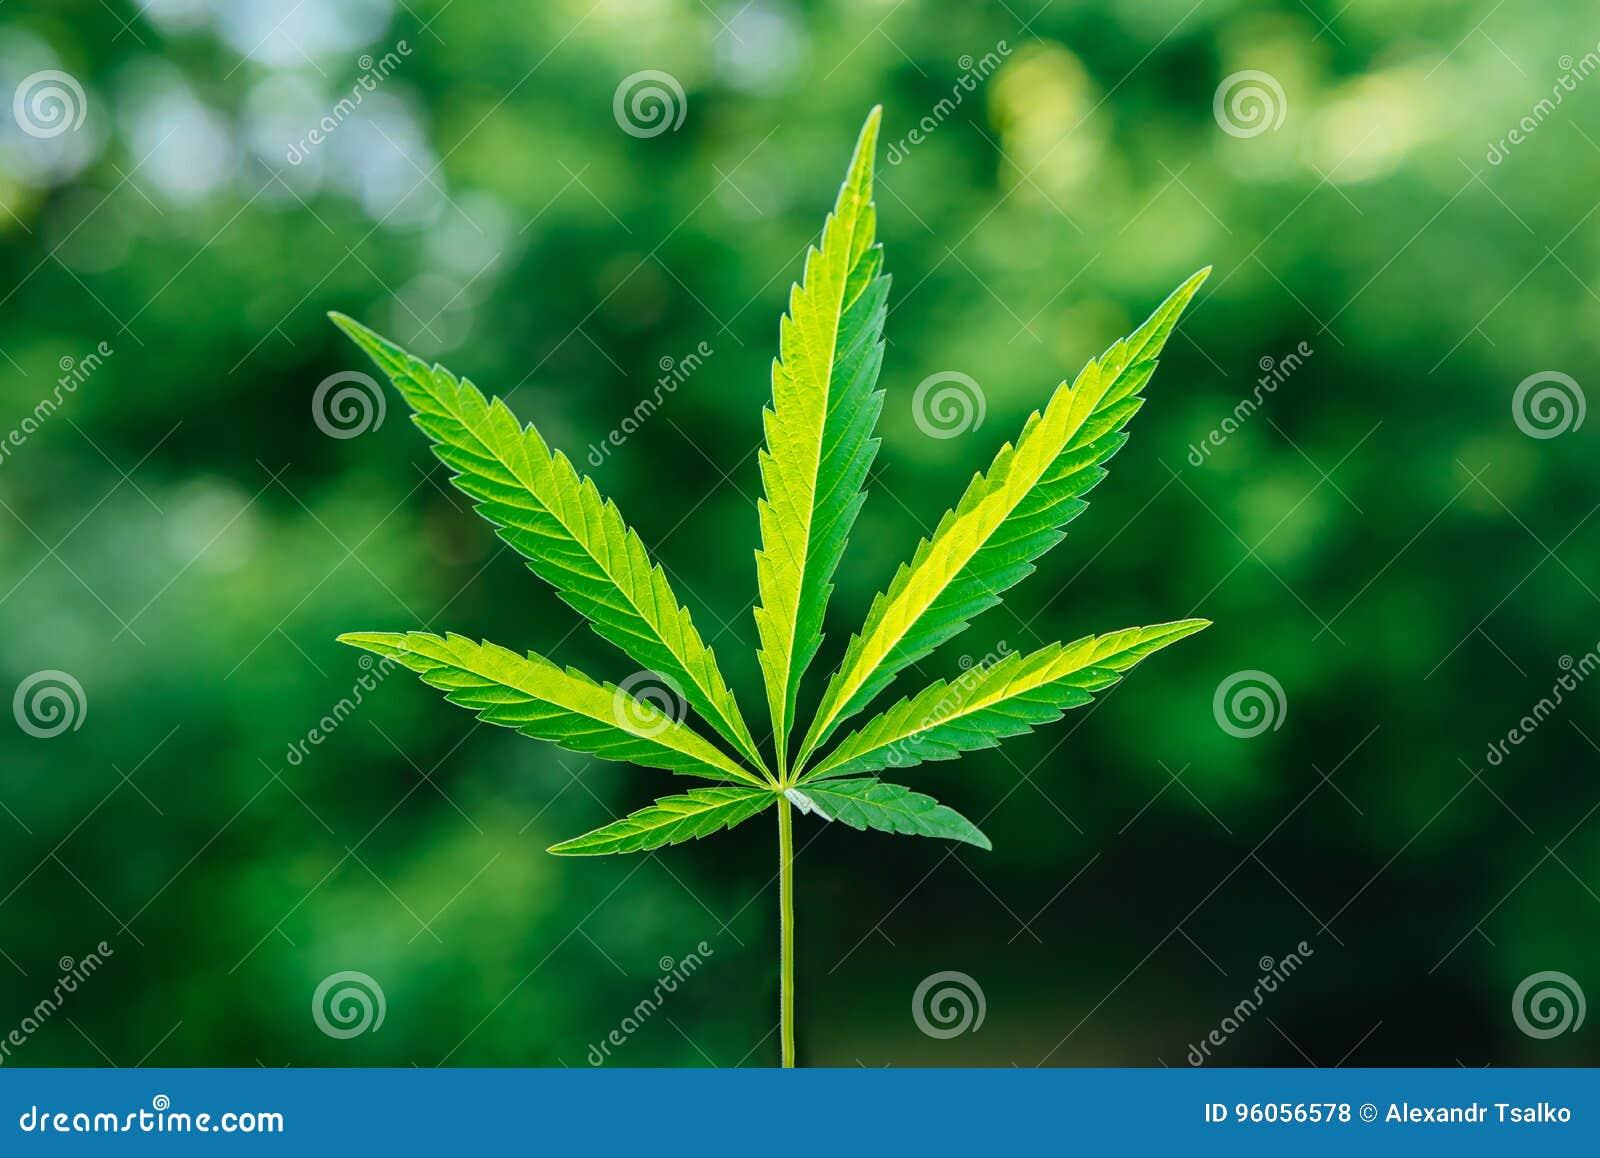 Feuille de cannabis sur un fond vert